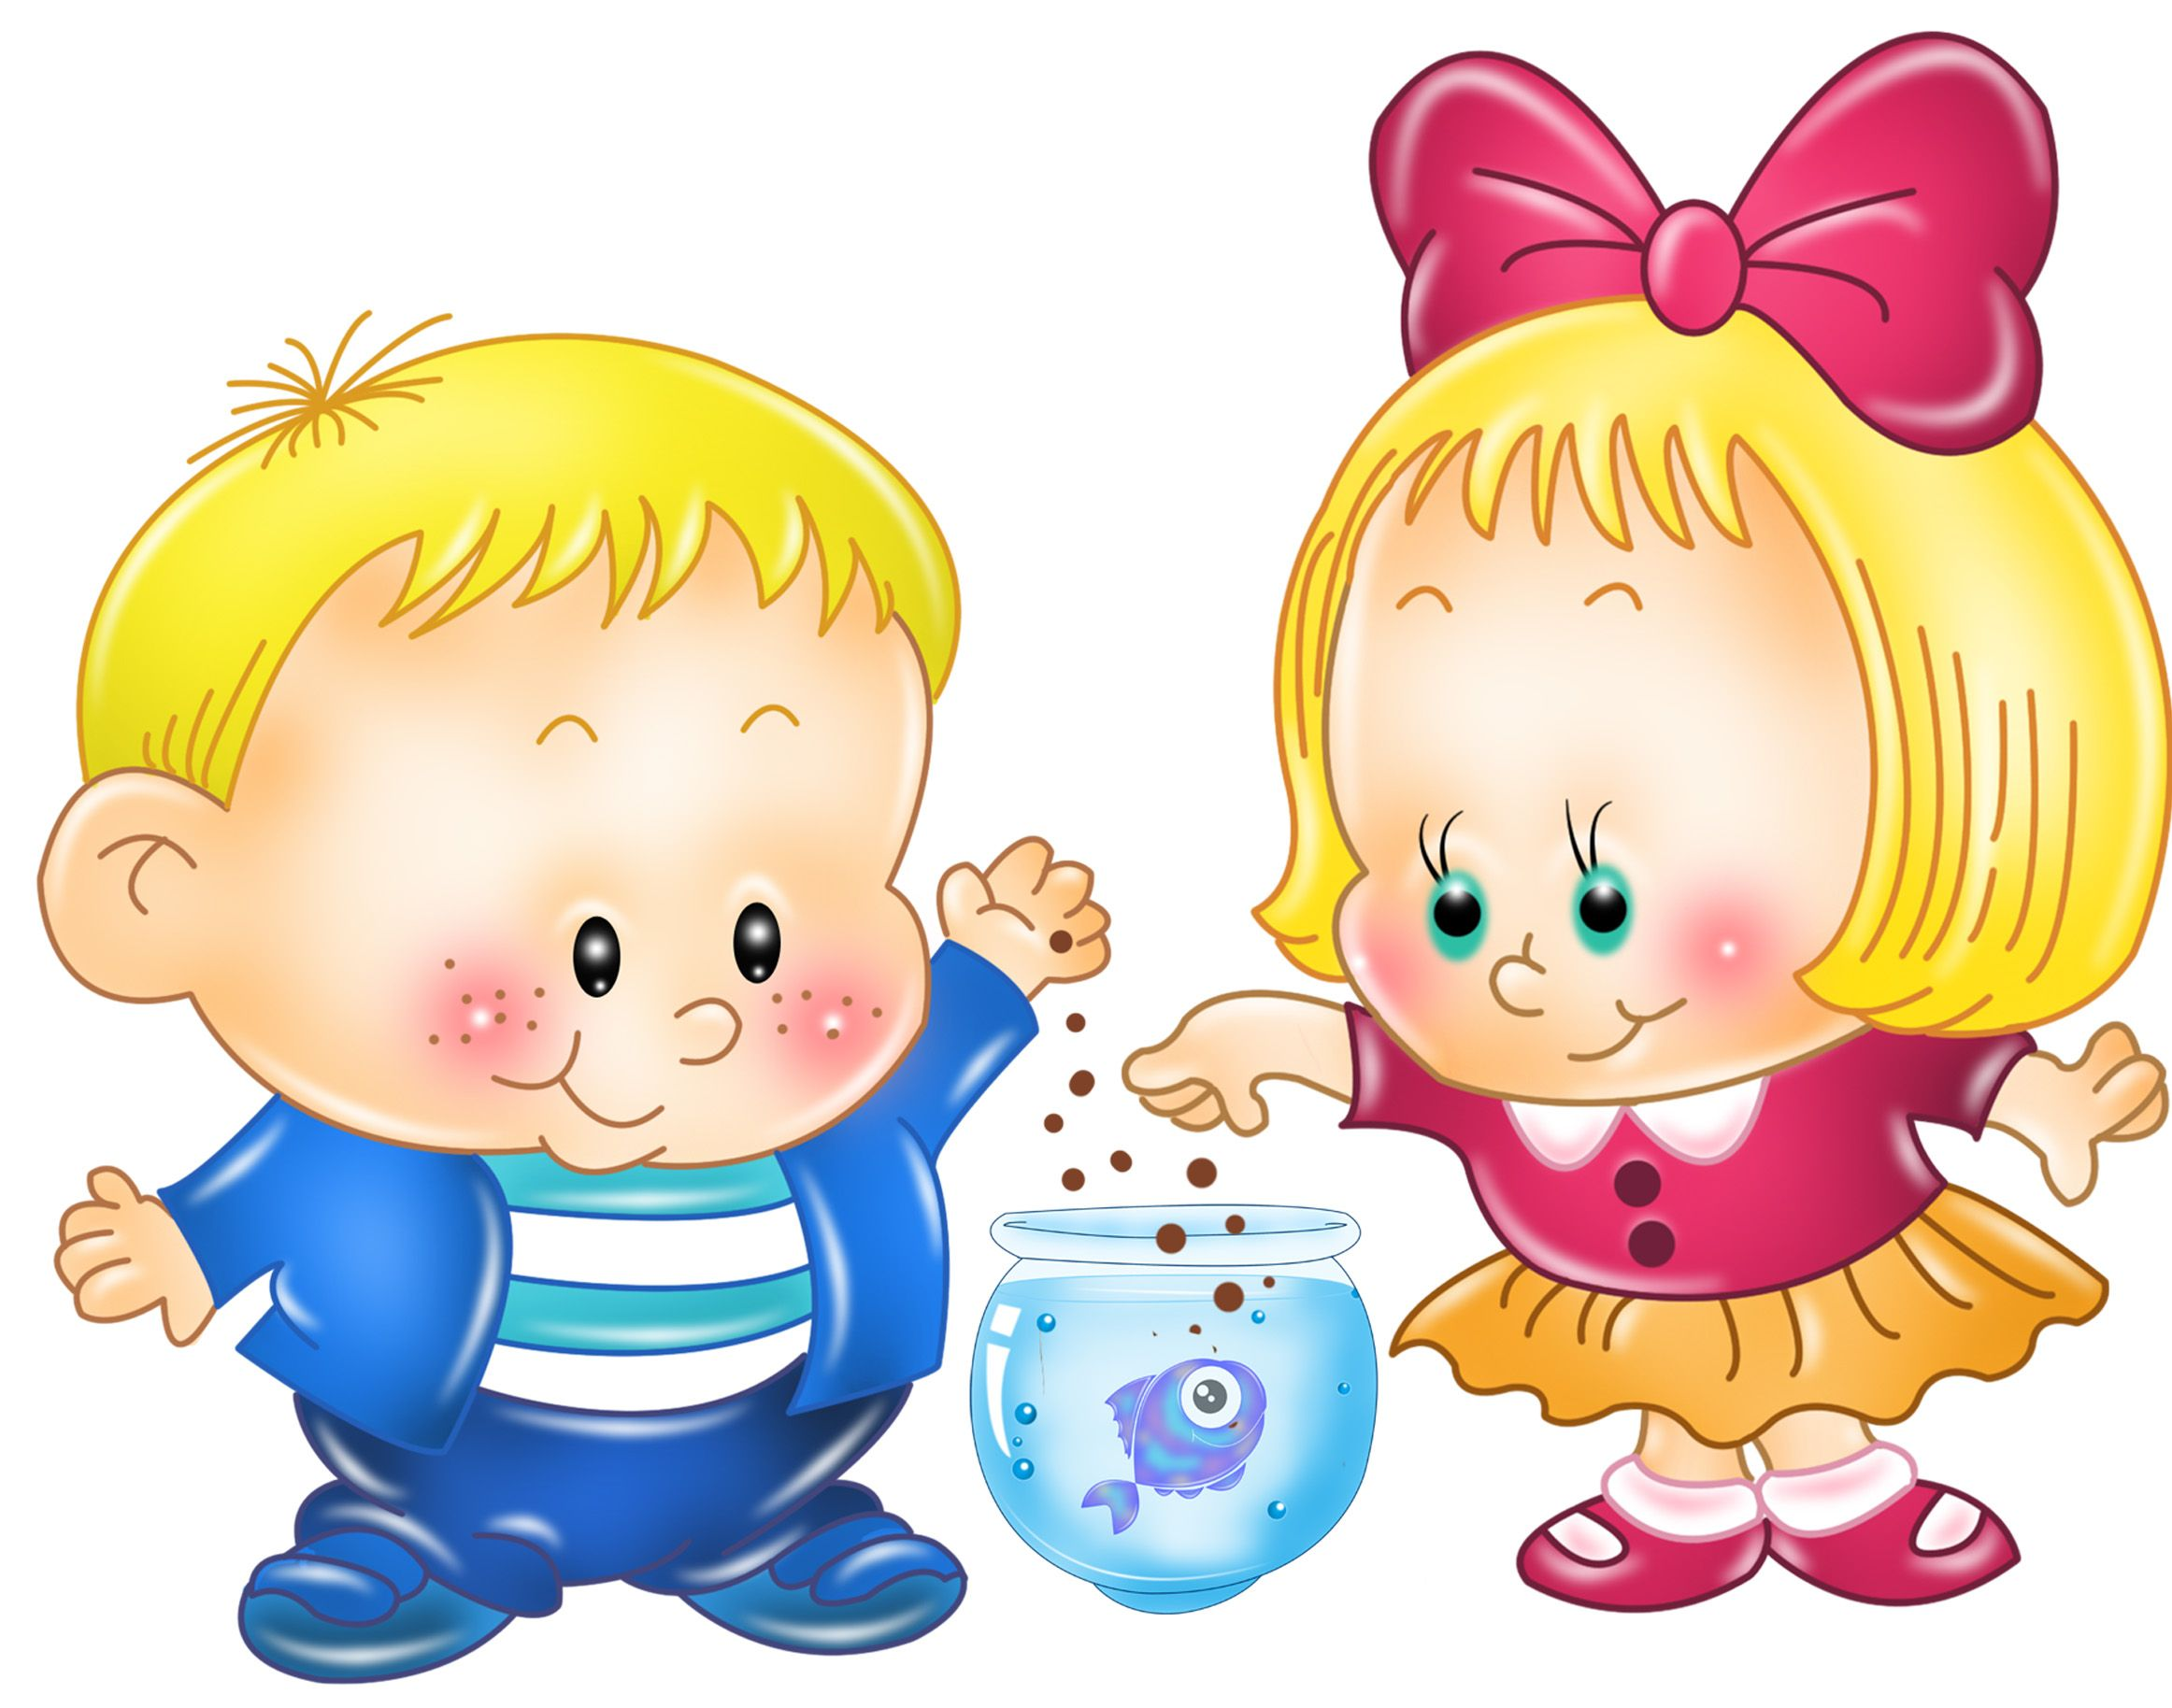 """Картинки по запросу """"маленький картинки для оформления сайта воспитателя детского сада"""""""